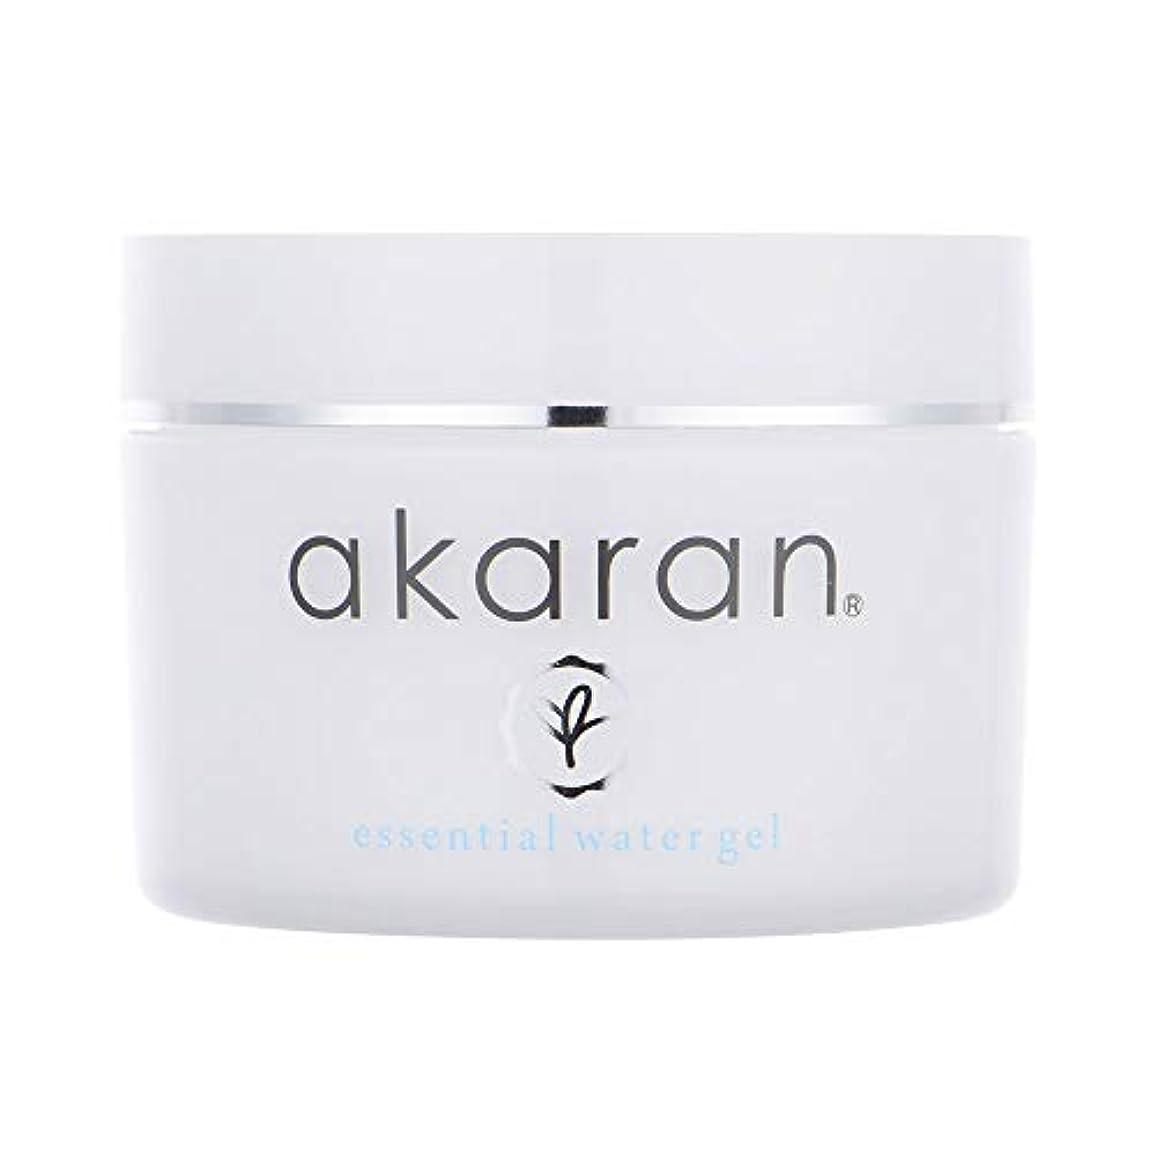 アカラン エッセンシャルウォータージェル 120g オイルフリー 美容成分 無添加 高保湿オールインワン 敏感肌 乾燥肌